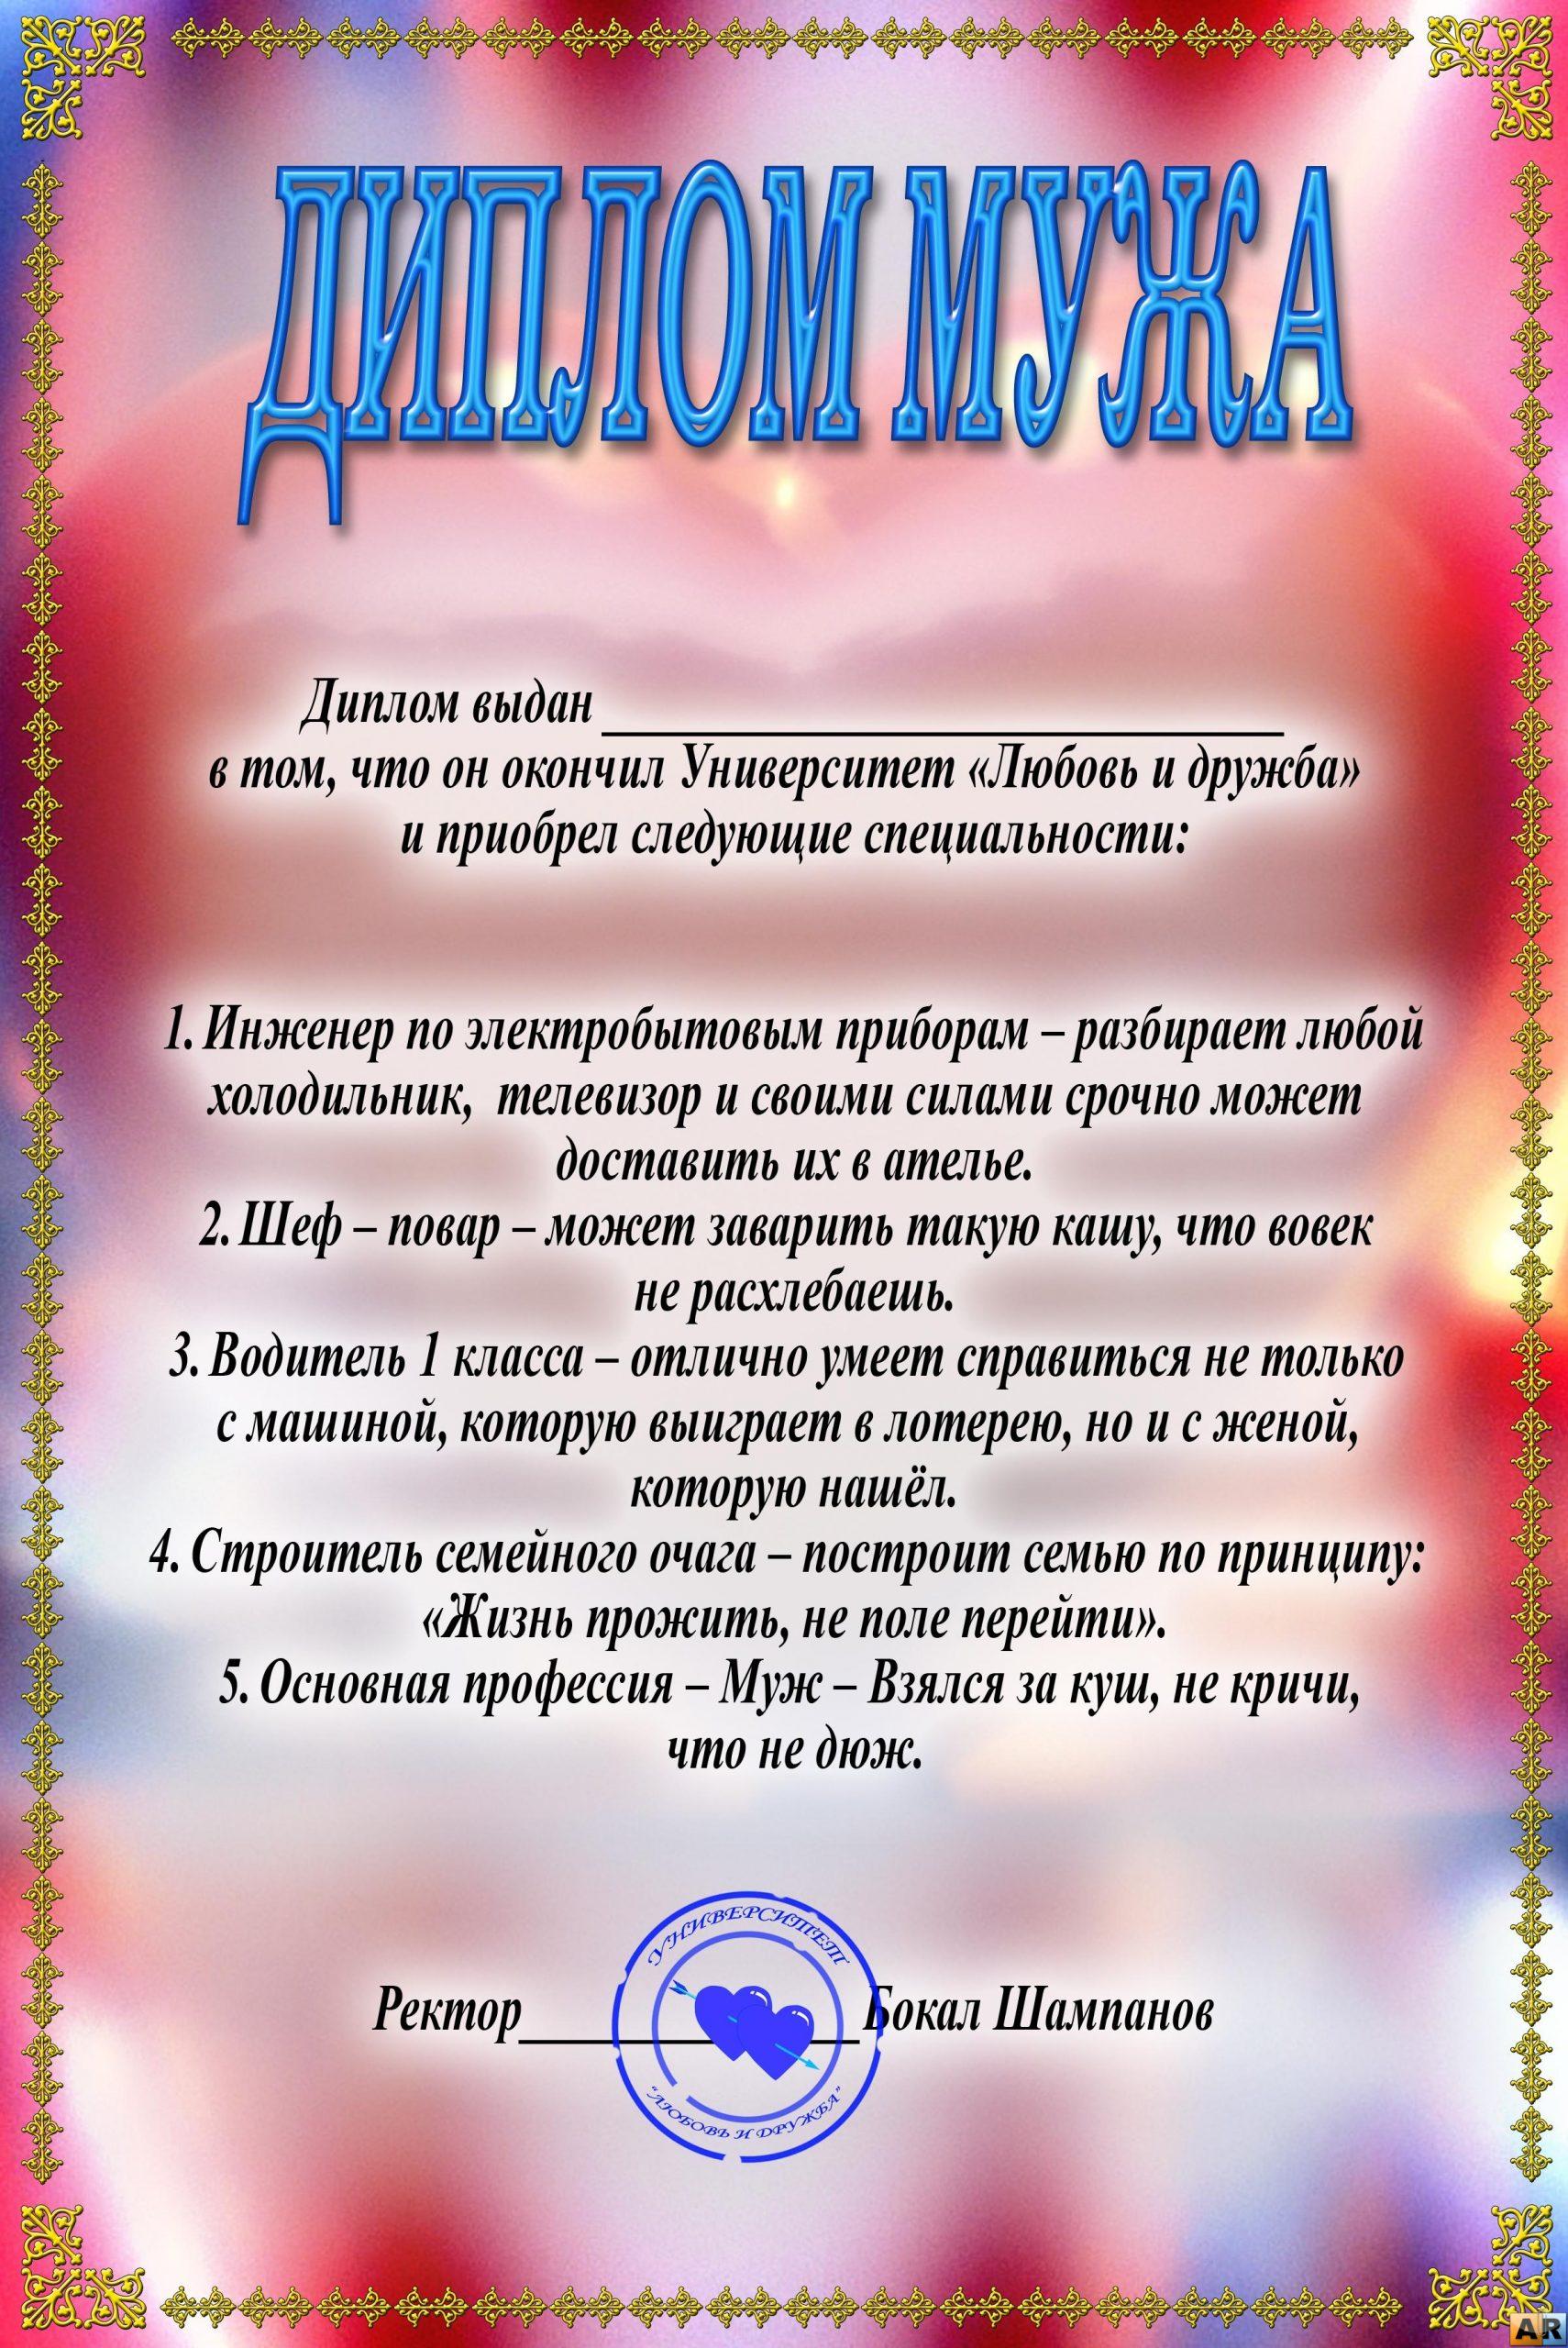 Печать грамот и дипломов для мужа в Москве | фото 2